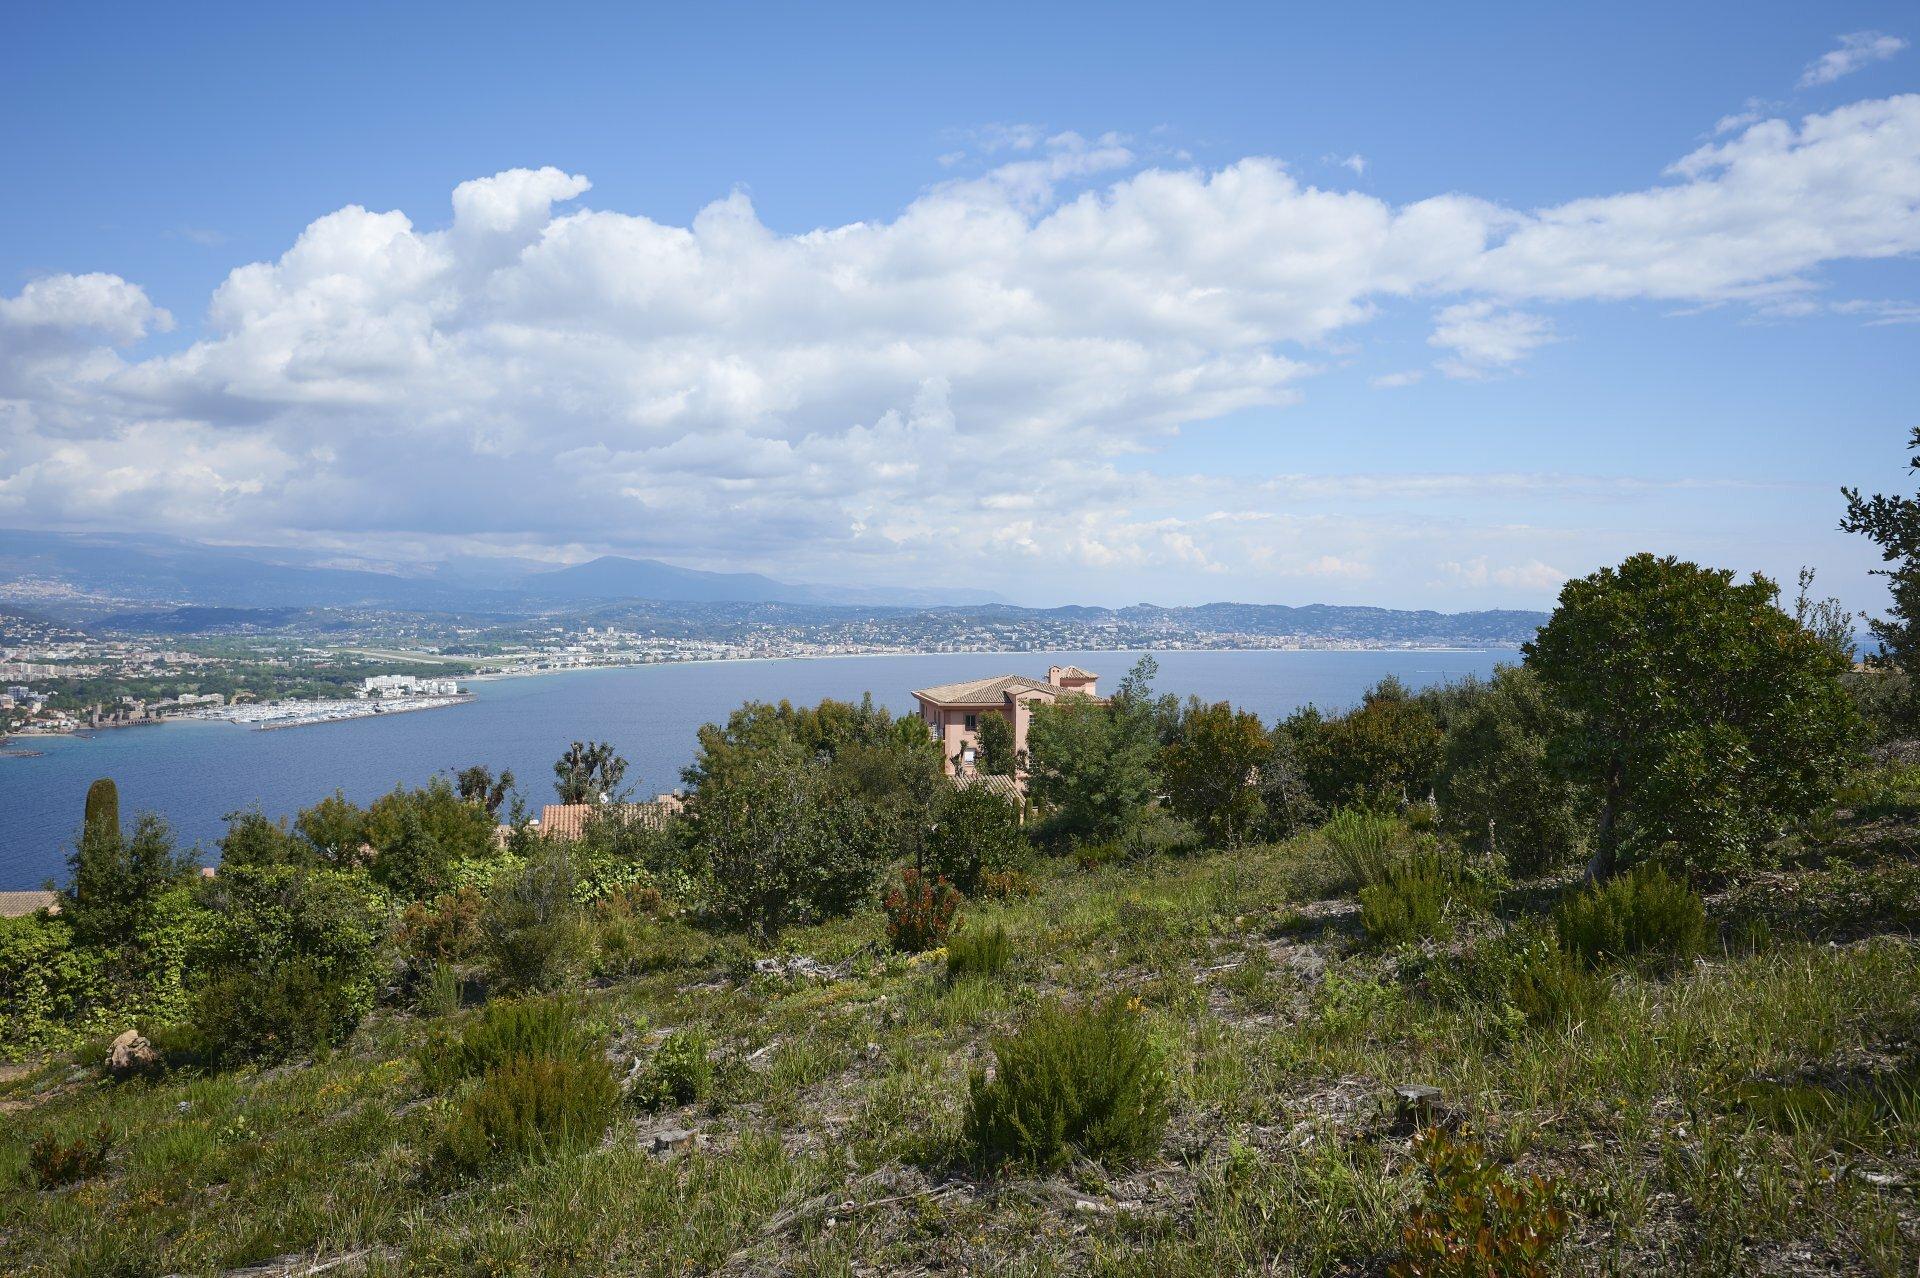 Land in Théoule-sur-Mer, Provence-Alpes-Côte d'Azur, France 1